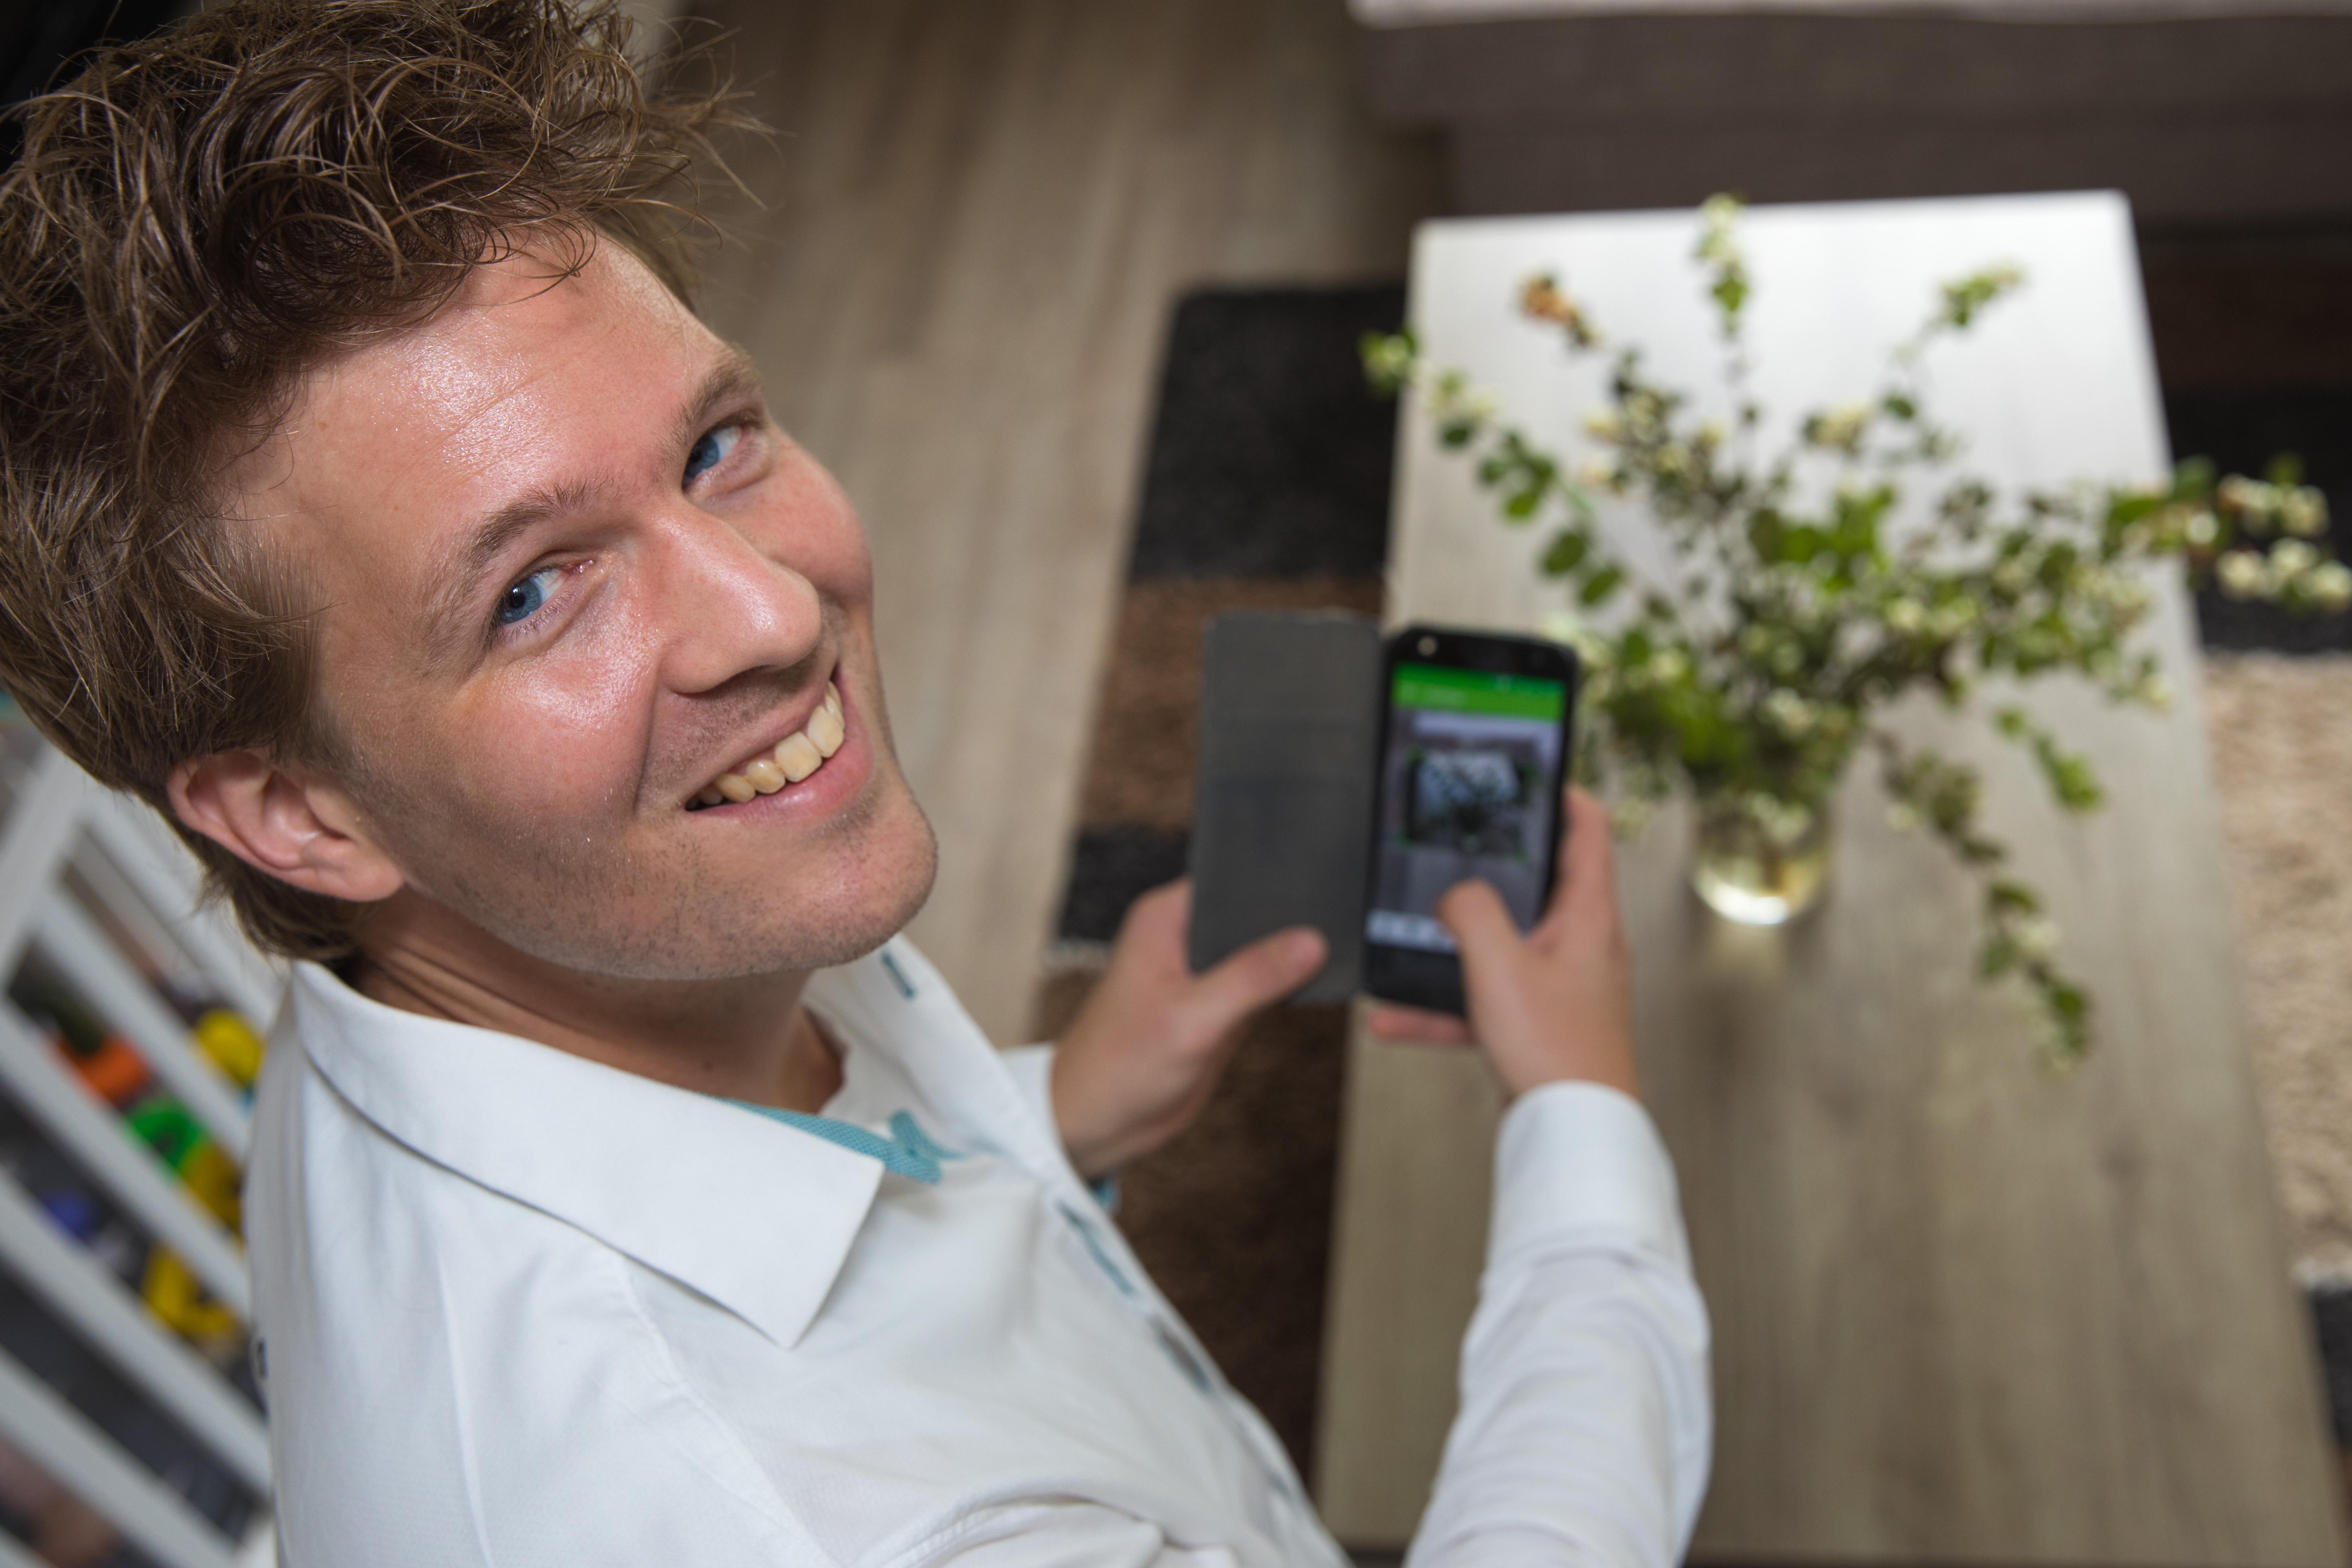 Rick Buiten uit Enkhuizen heeft de EcoScan ontwikkeld: een app die vertelt in welke prullenbak je afval kunt gooien. (Foto: Vincent de Vries/RM)